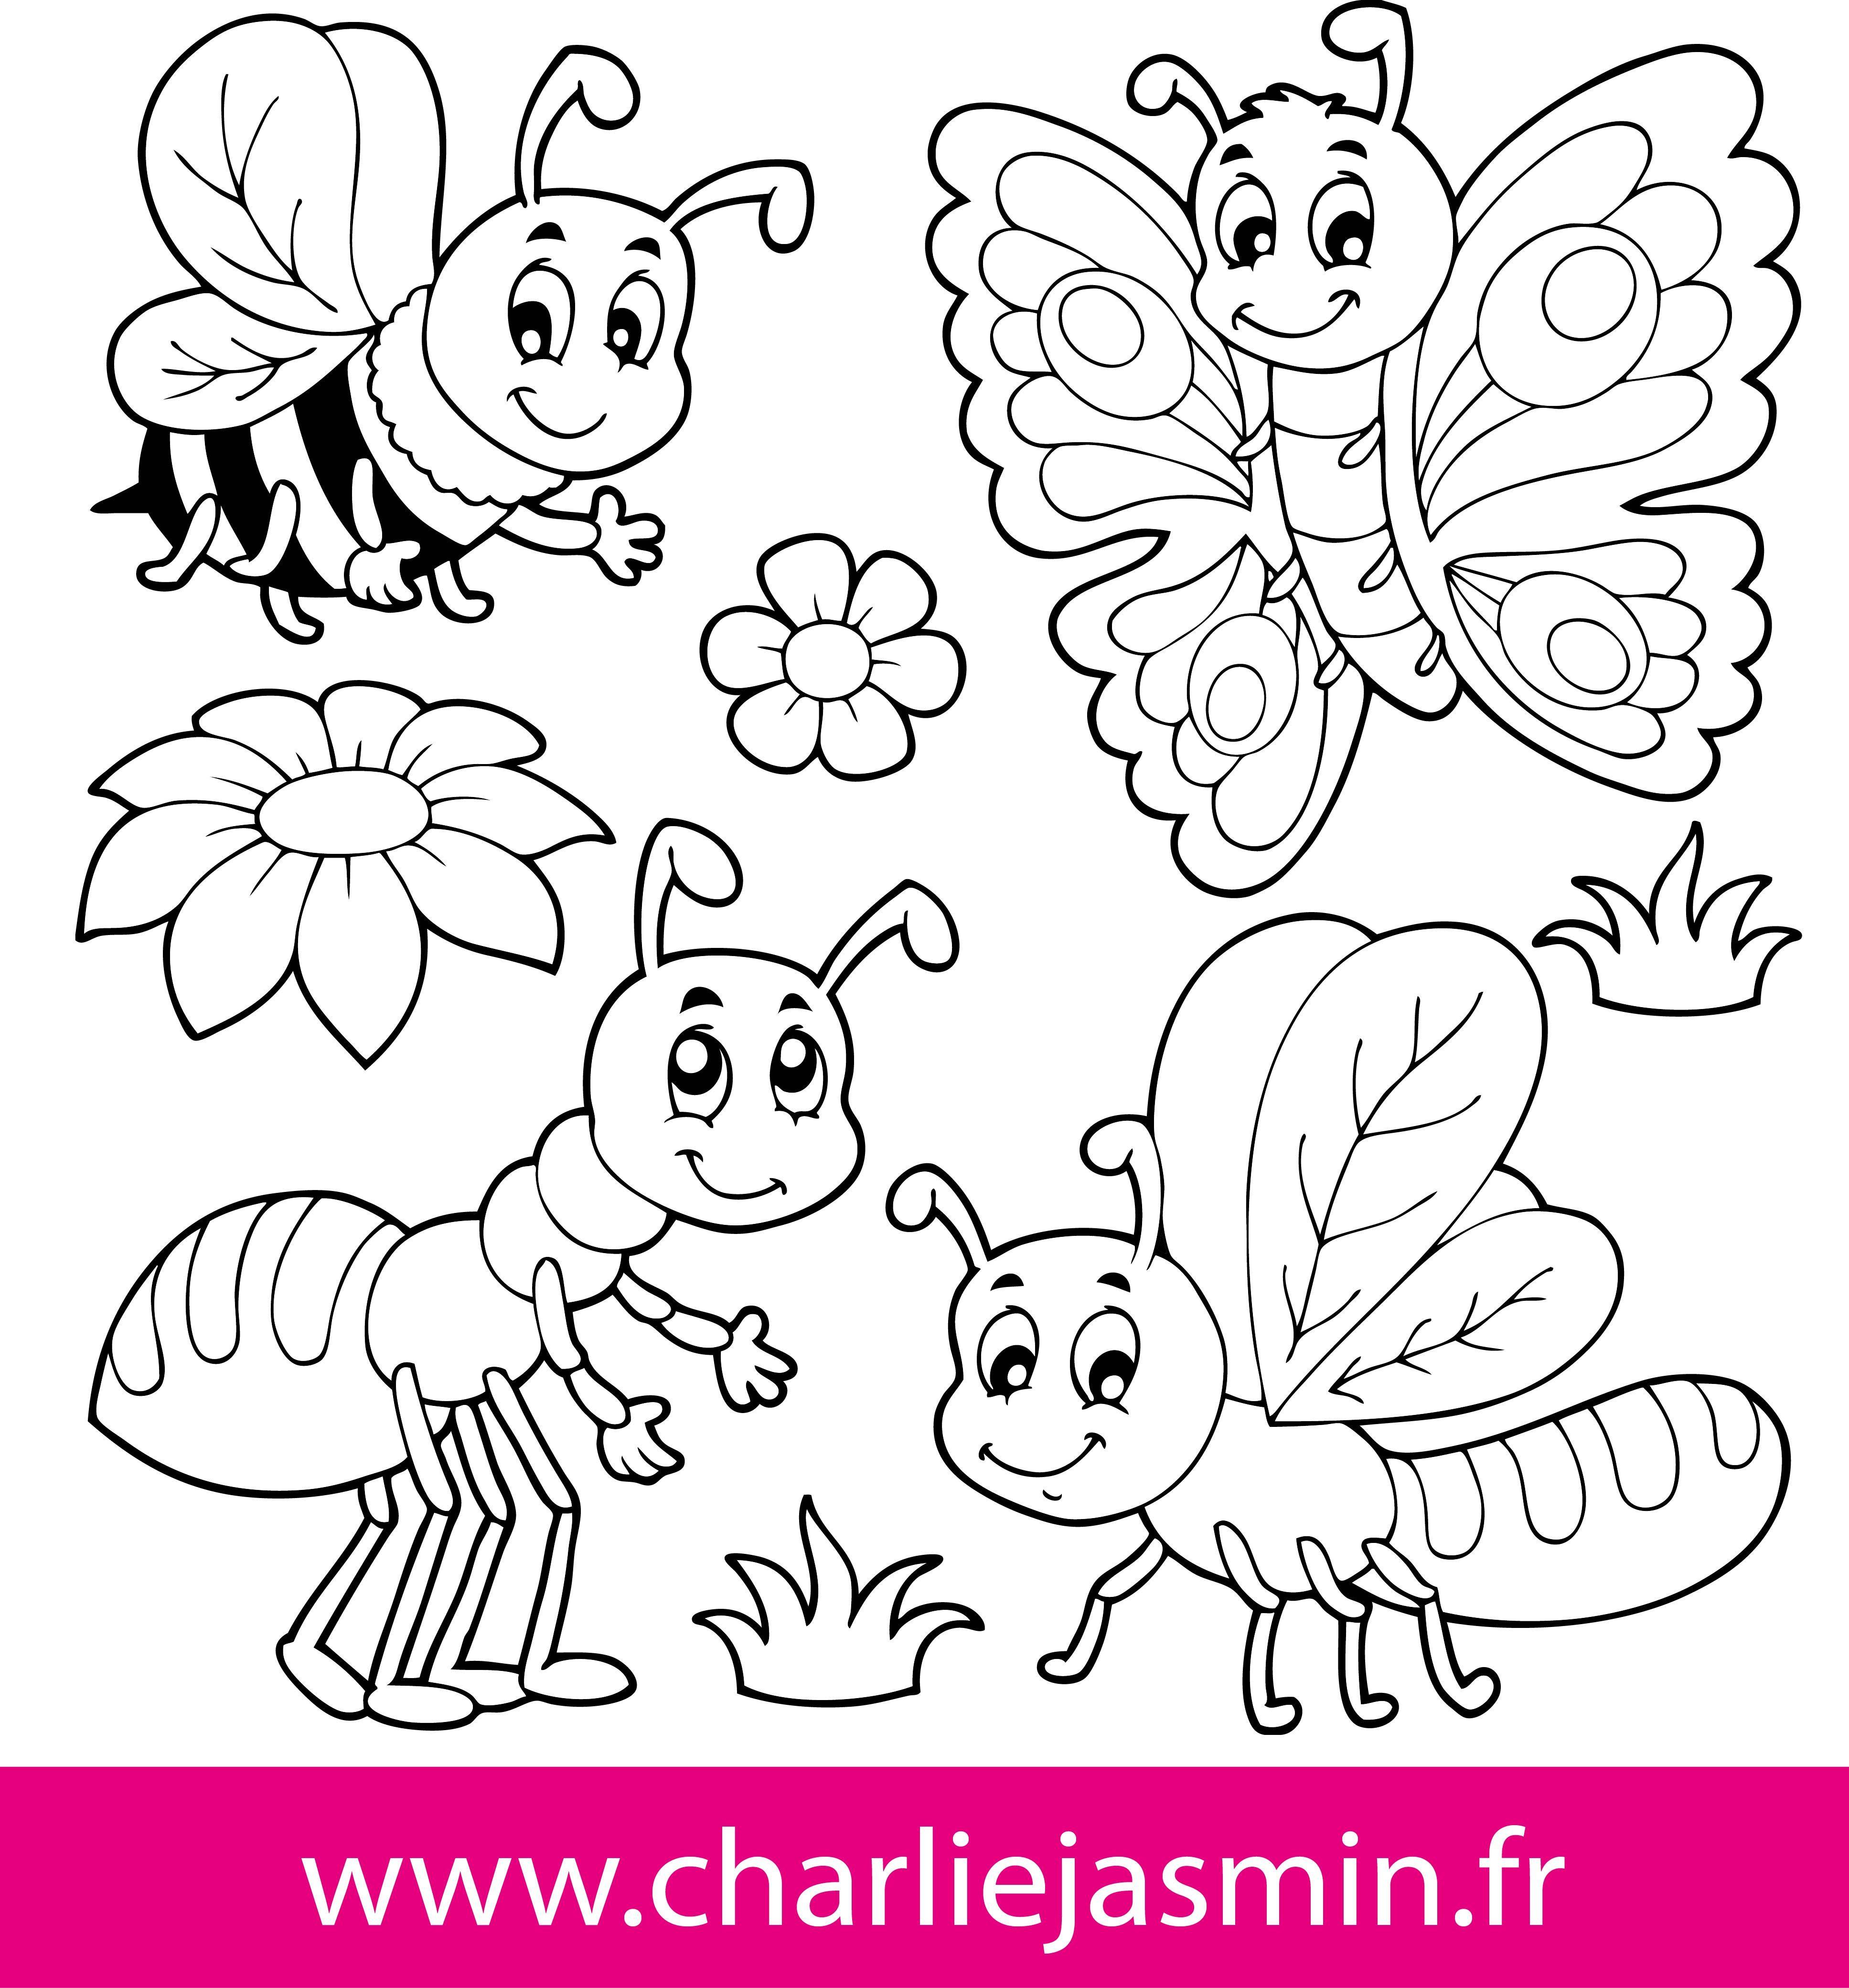 Coloriage Insecte  colorier Dessin  imprimer